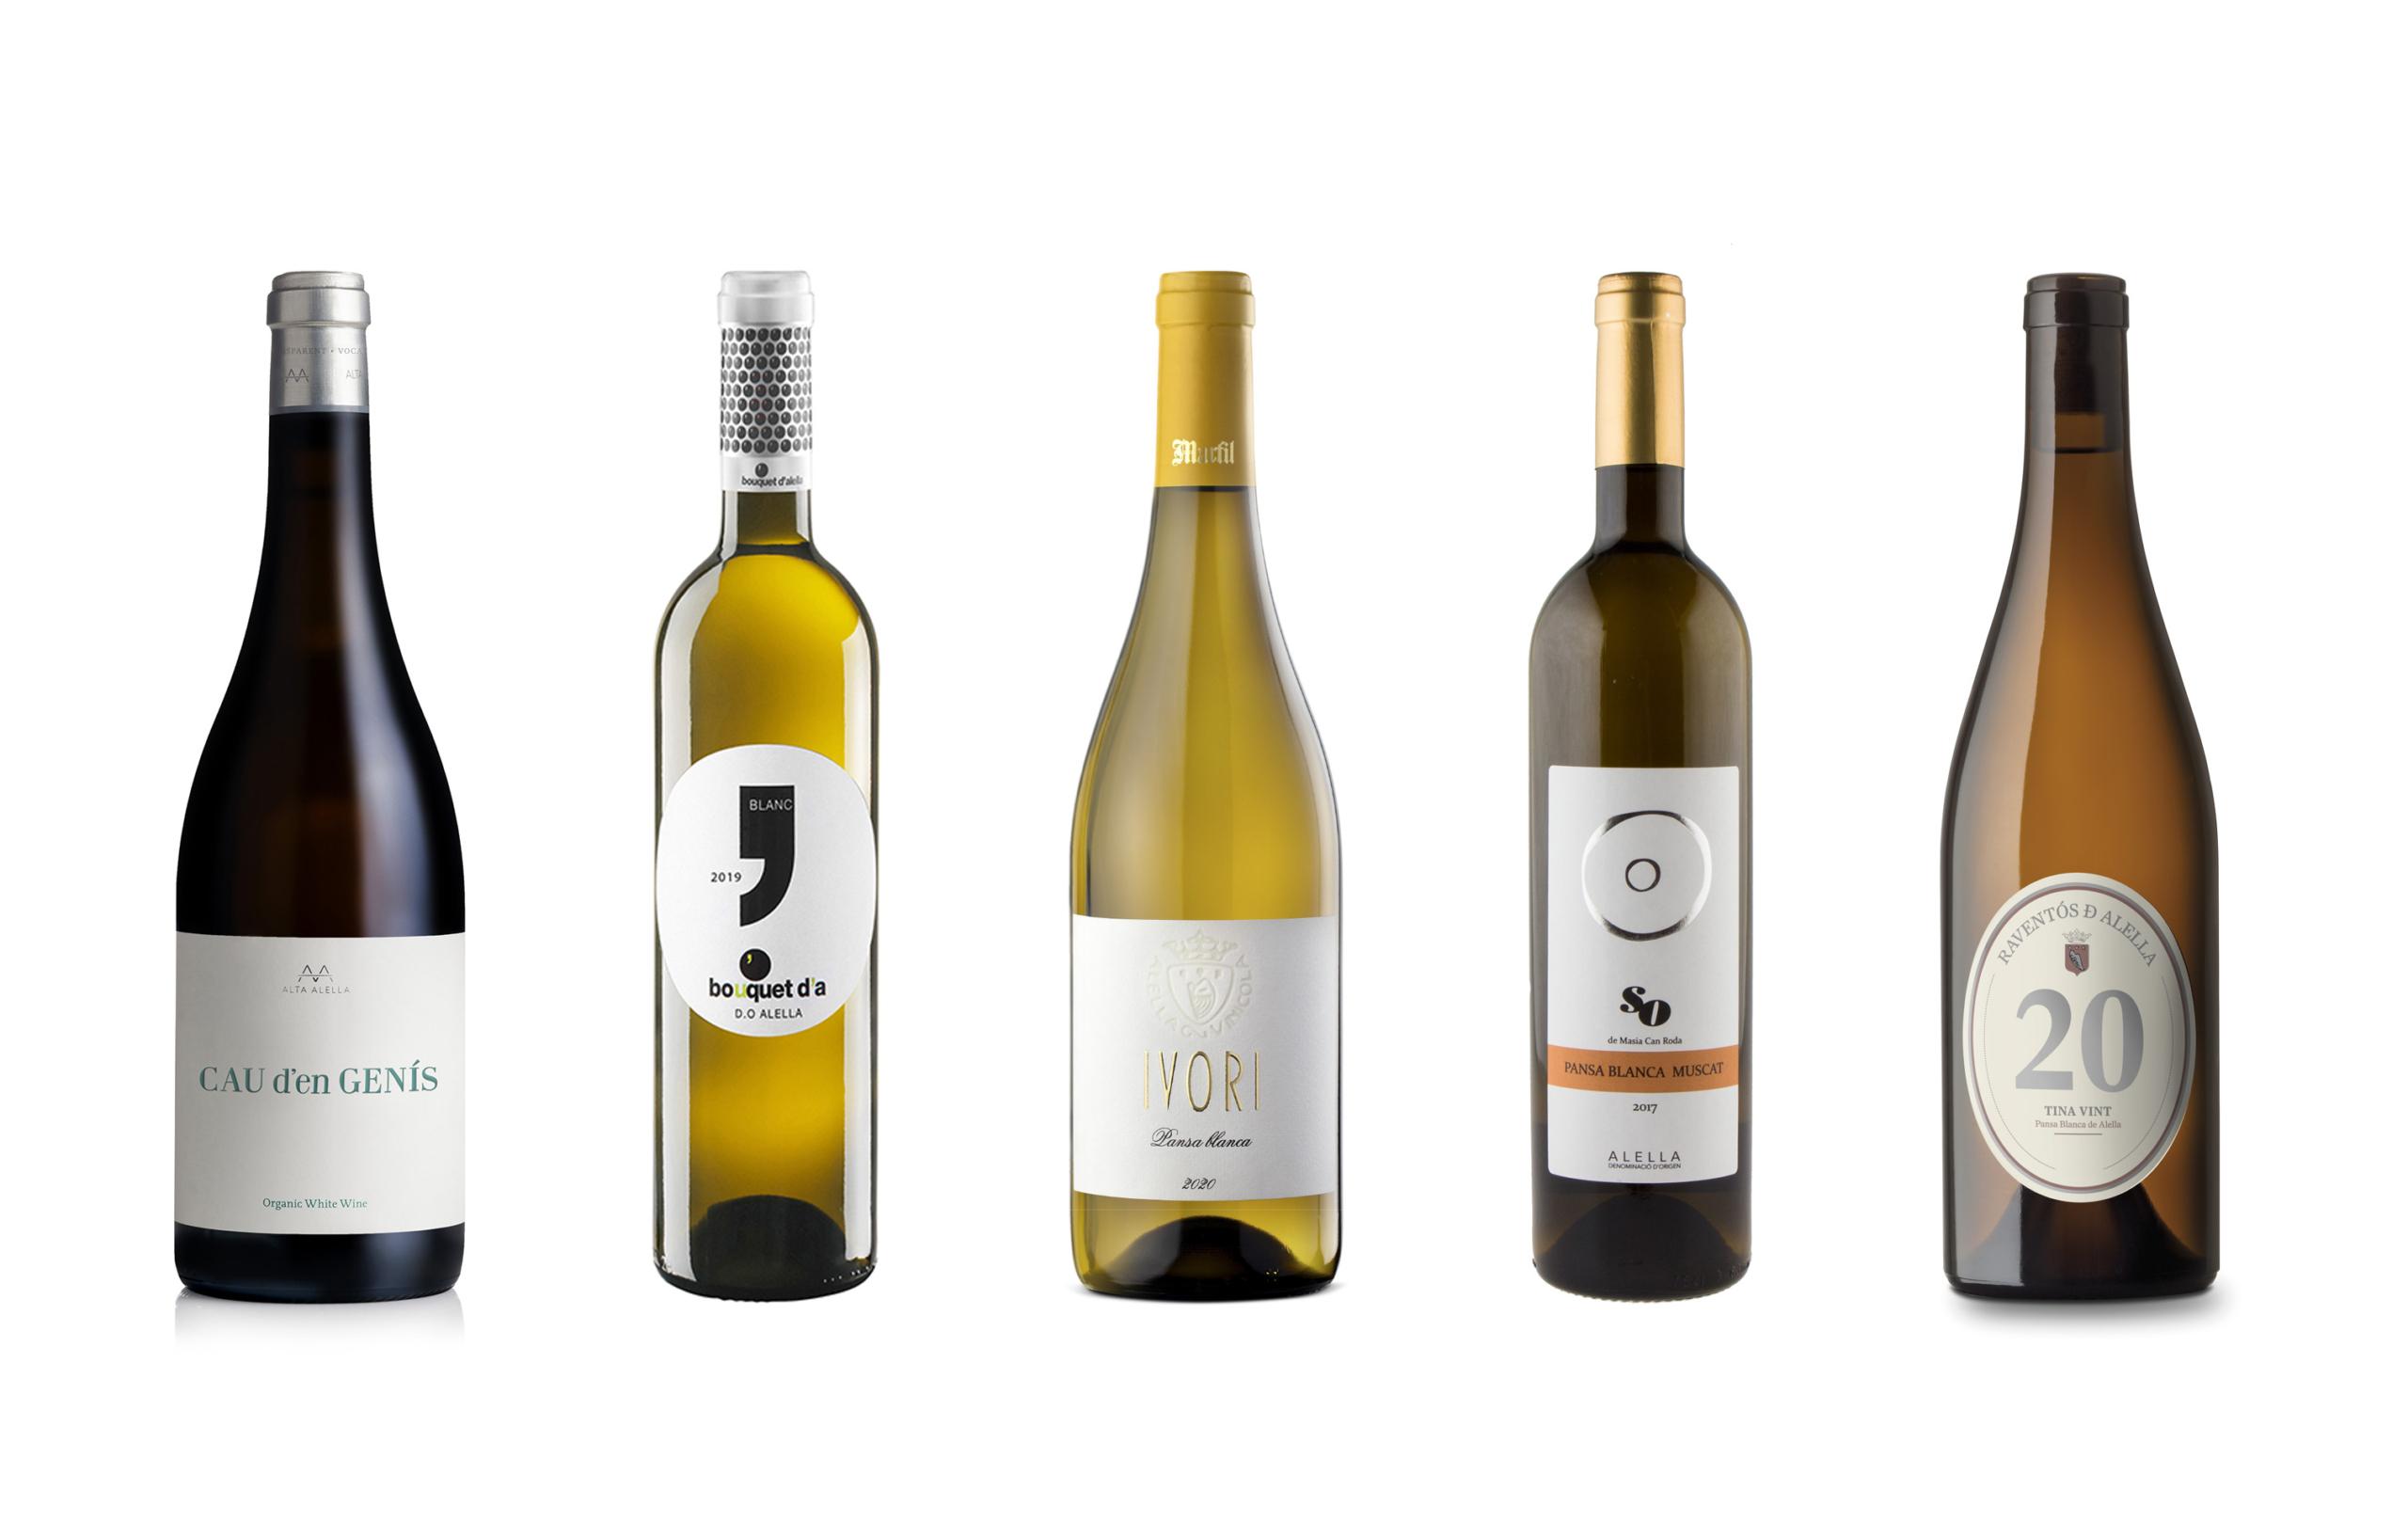 Cinc vins d'Alella imprescindibles per aquest estiu | Ò.P.